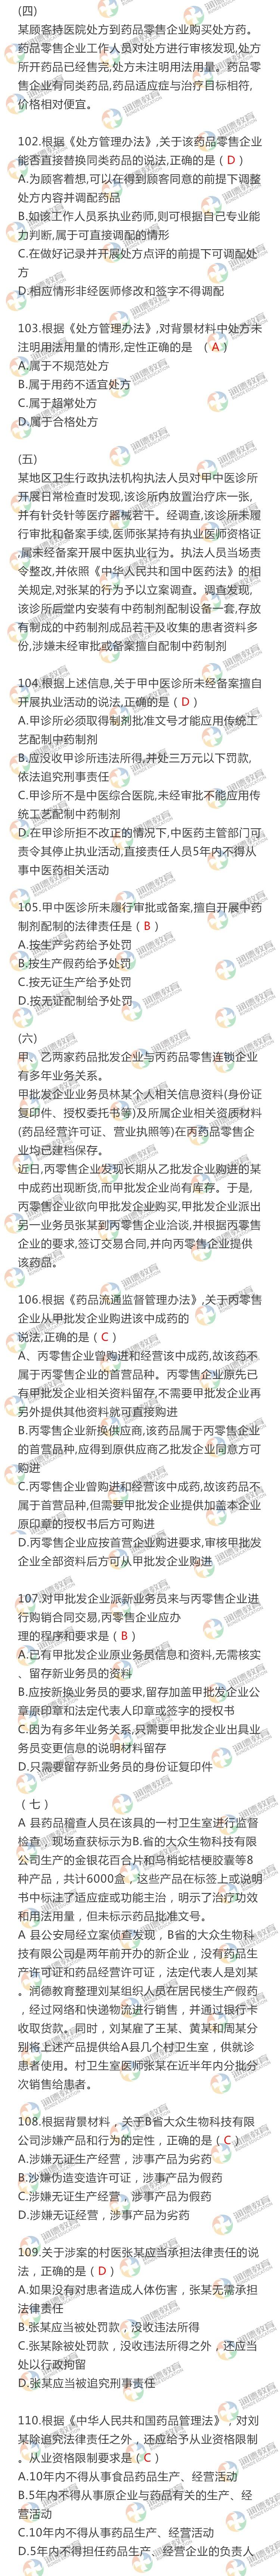 法规111-120.jpg